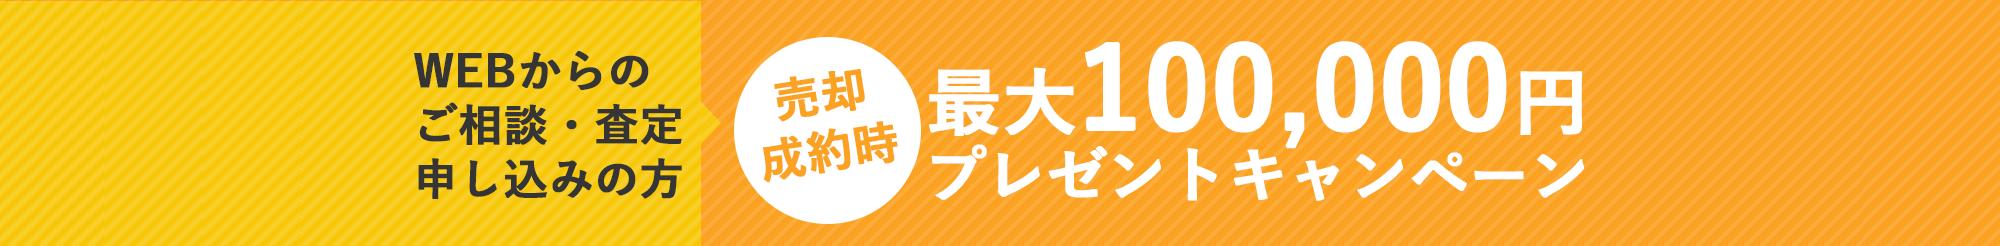 売却成約時 最大100,000円プレゼントキャンペーン